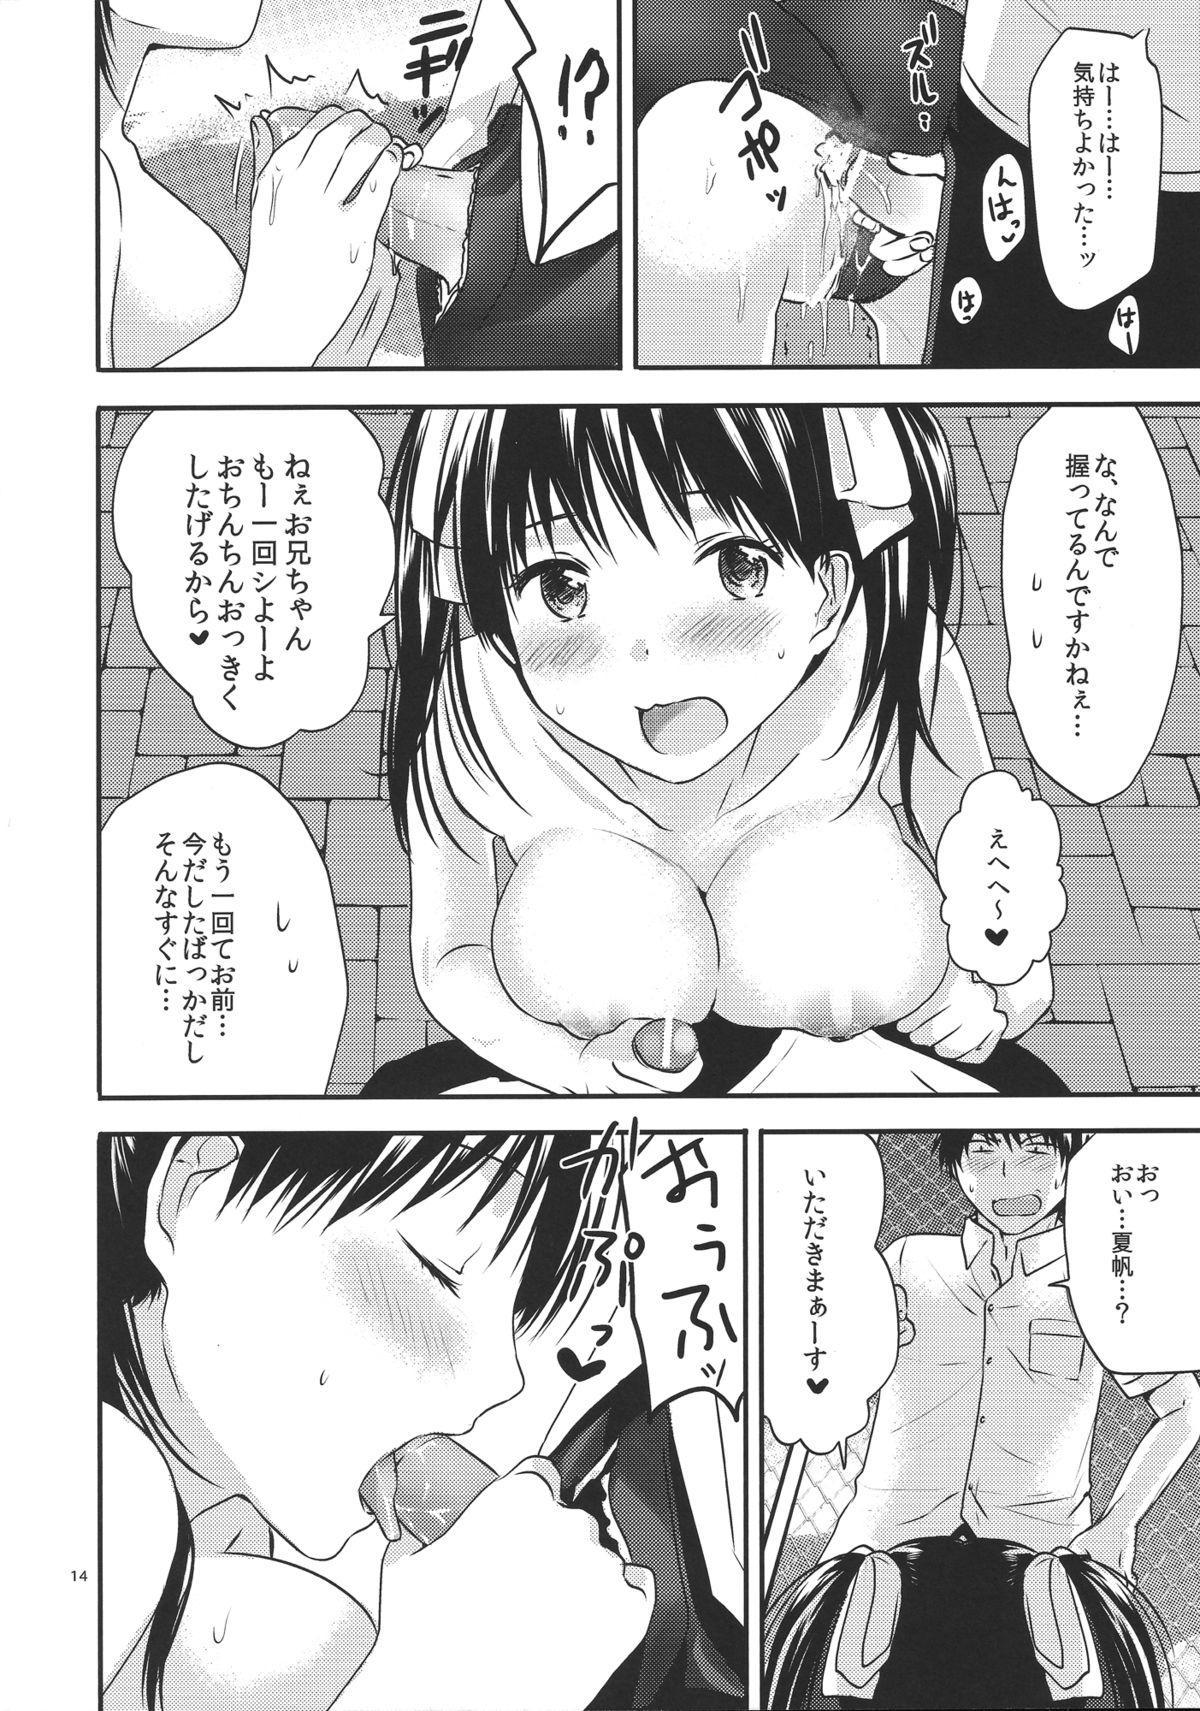 Oniichan no koto daisuki dakara sukumizu de nousatsu shite mo iiyo nee 12